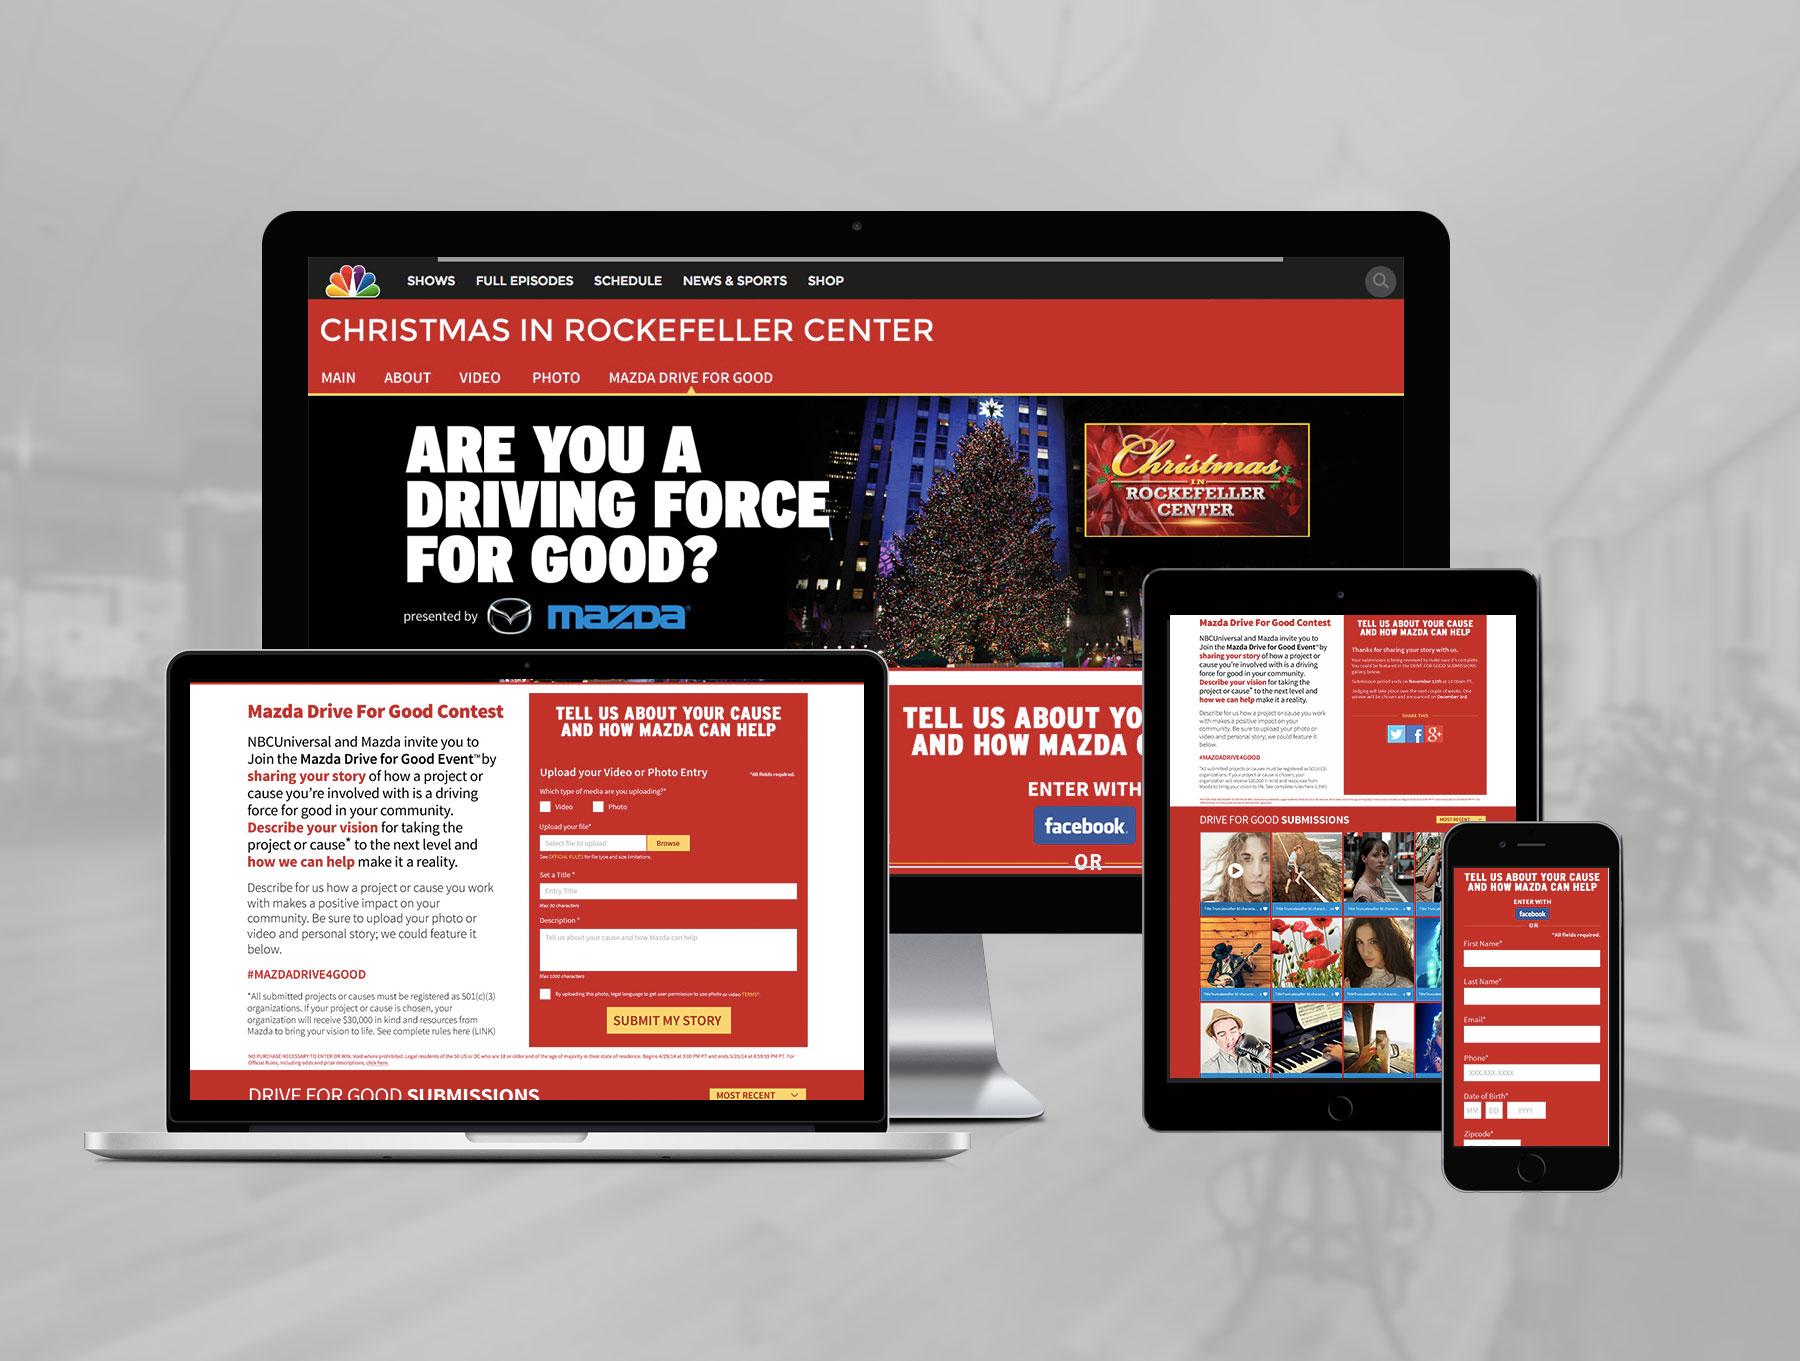 web design showcase - NBC and Mazda